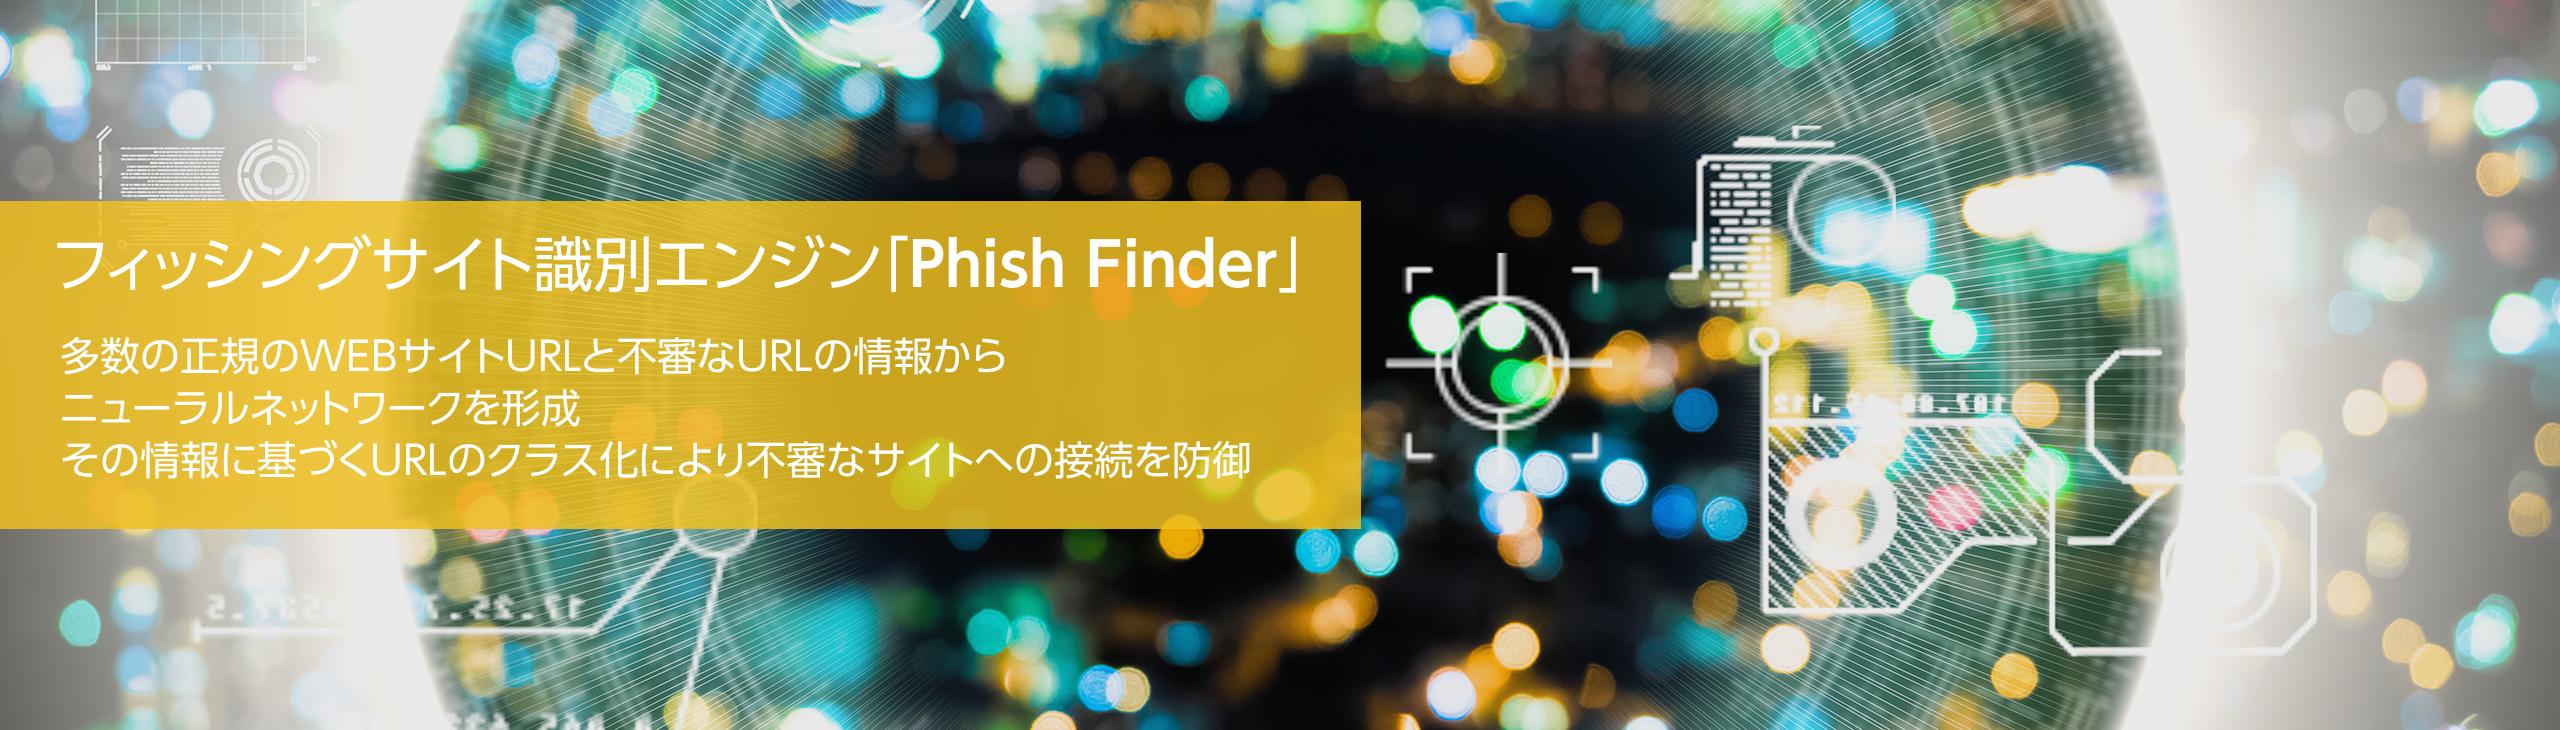 PhishFinder